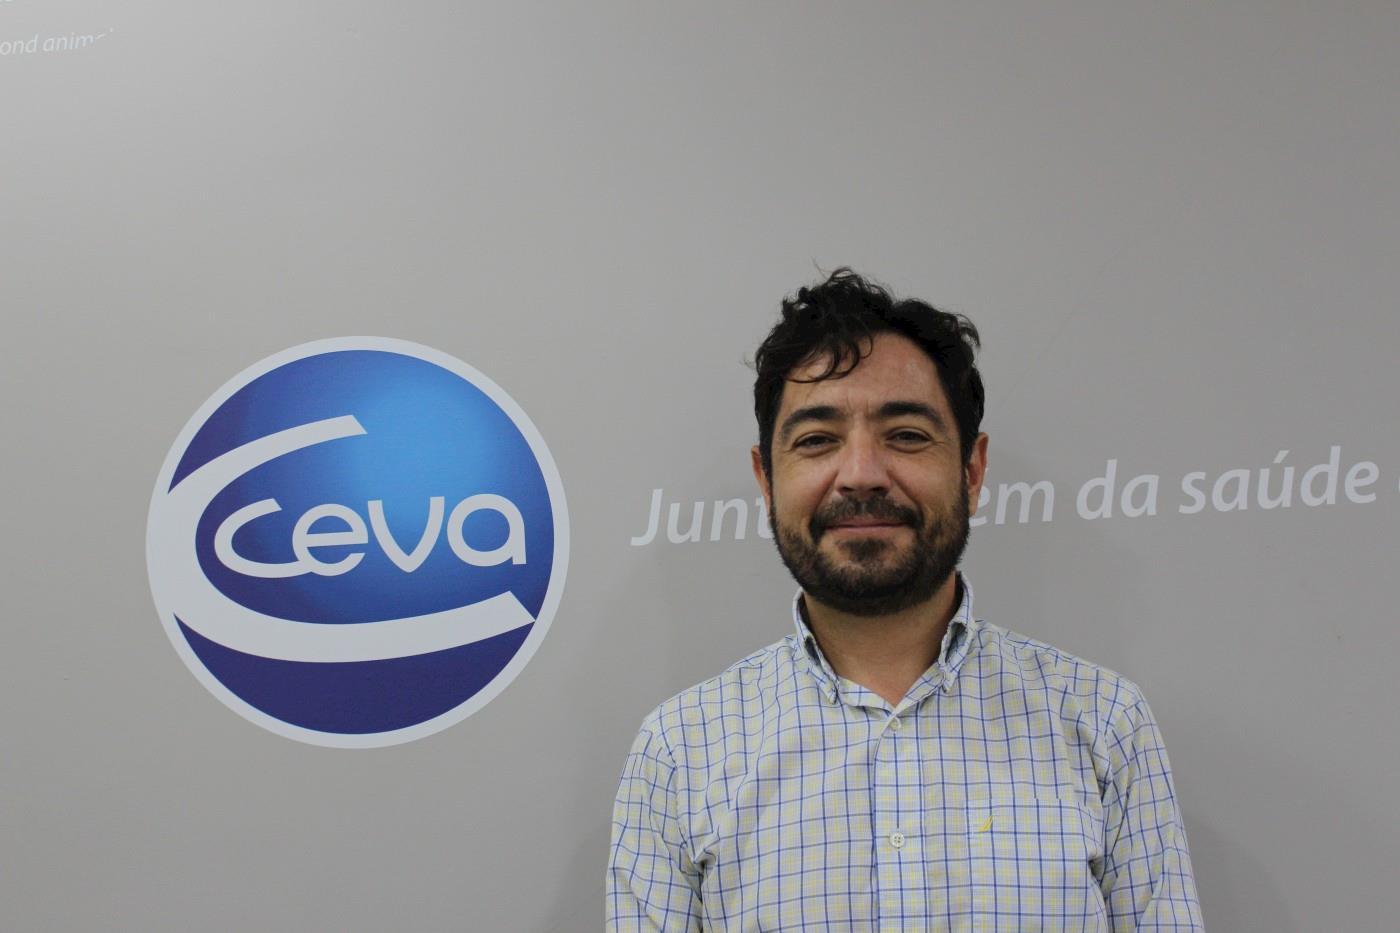 Felipe Pelicioni é novo gerente da Ceva